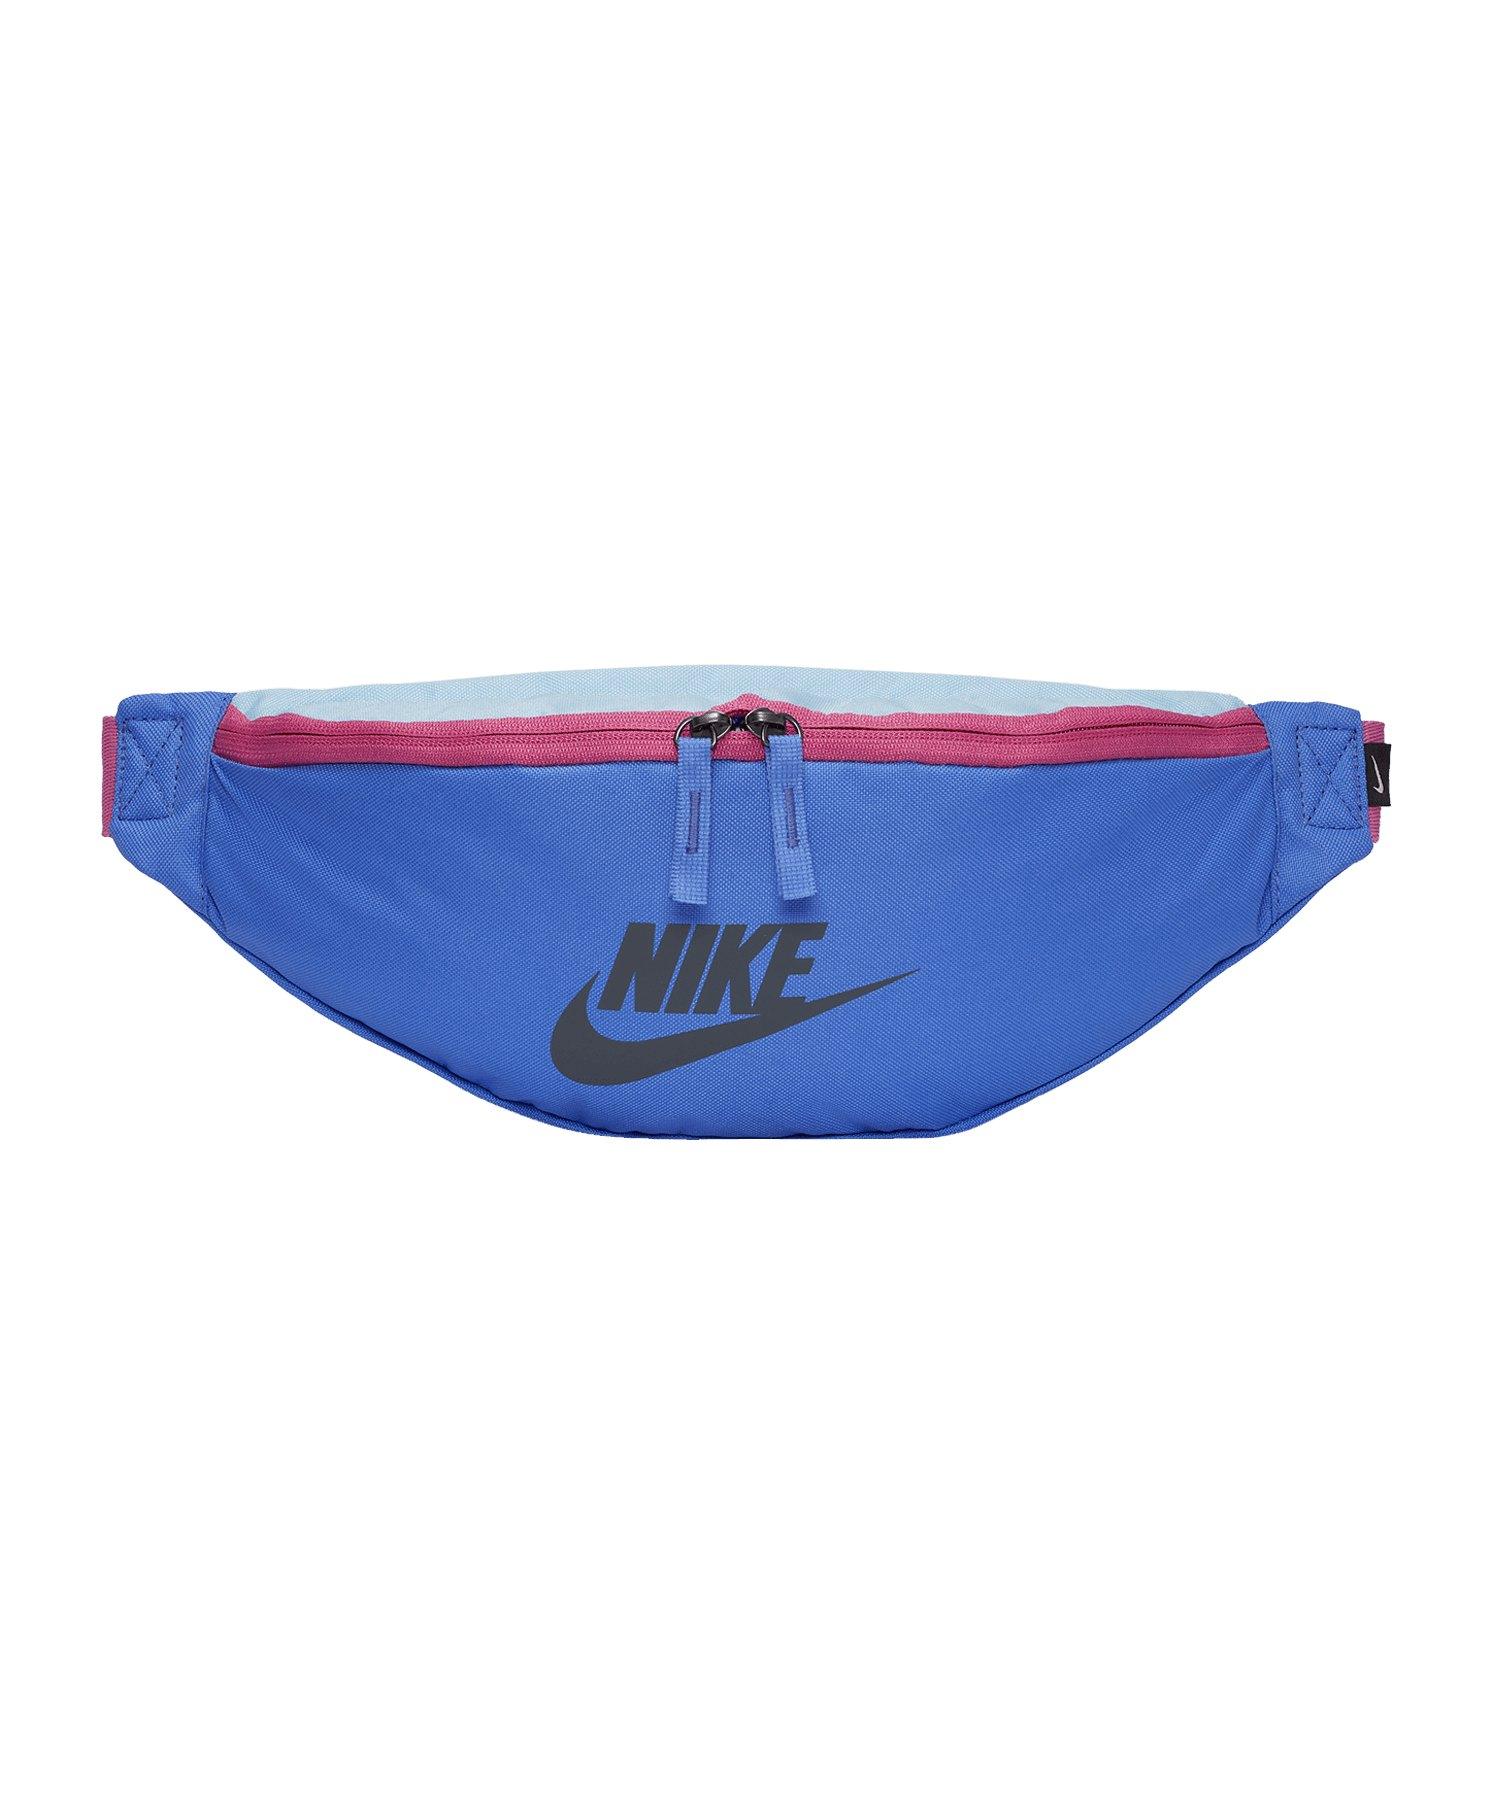 Nike Heritage Hip Pack Grau F500 - grau